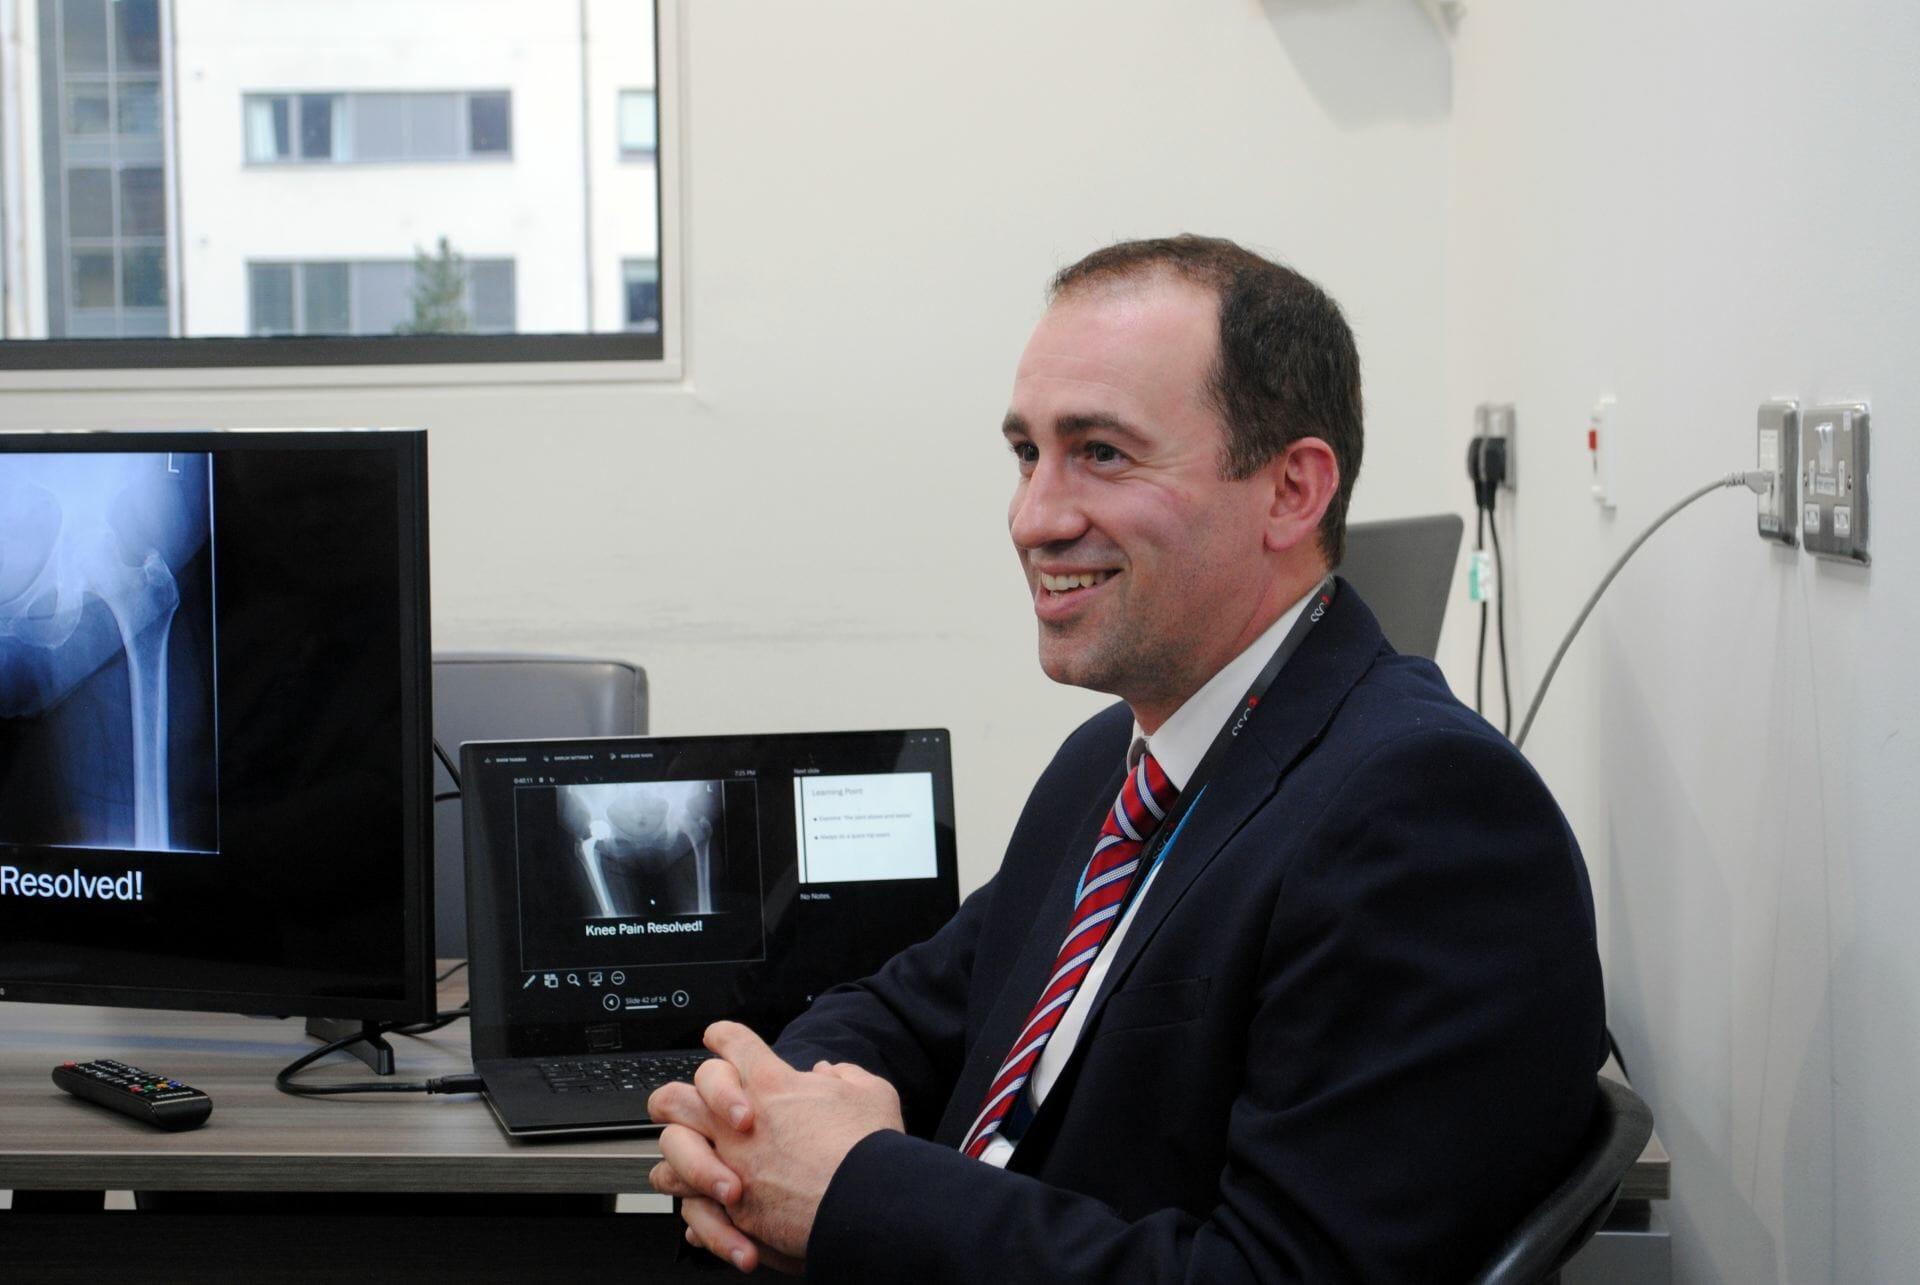 Mr Neil Burke, Consultant Orthopaedic Surgeon